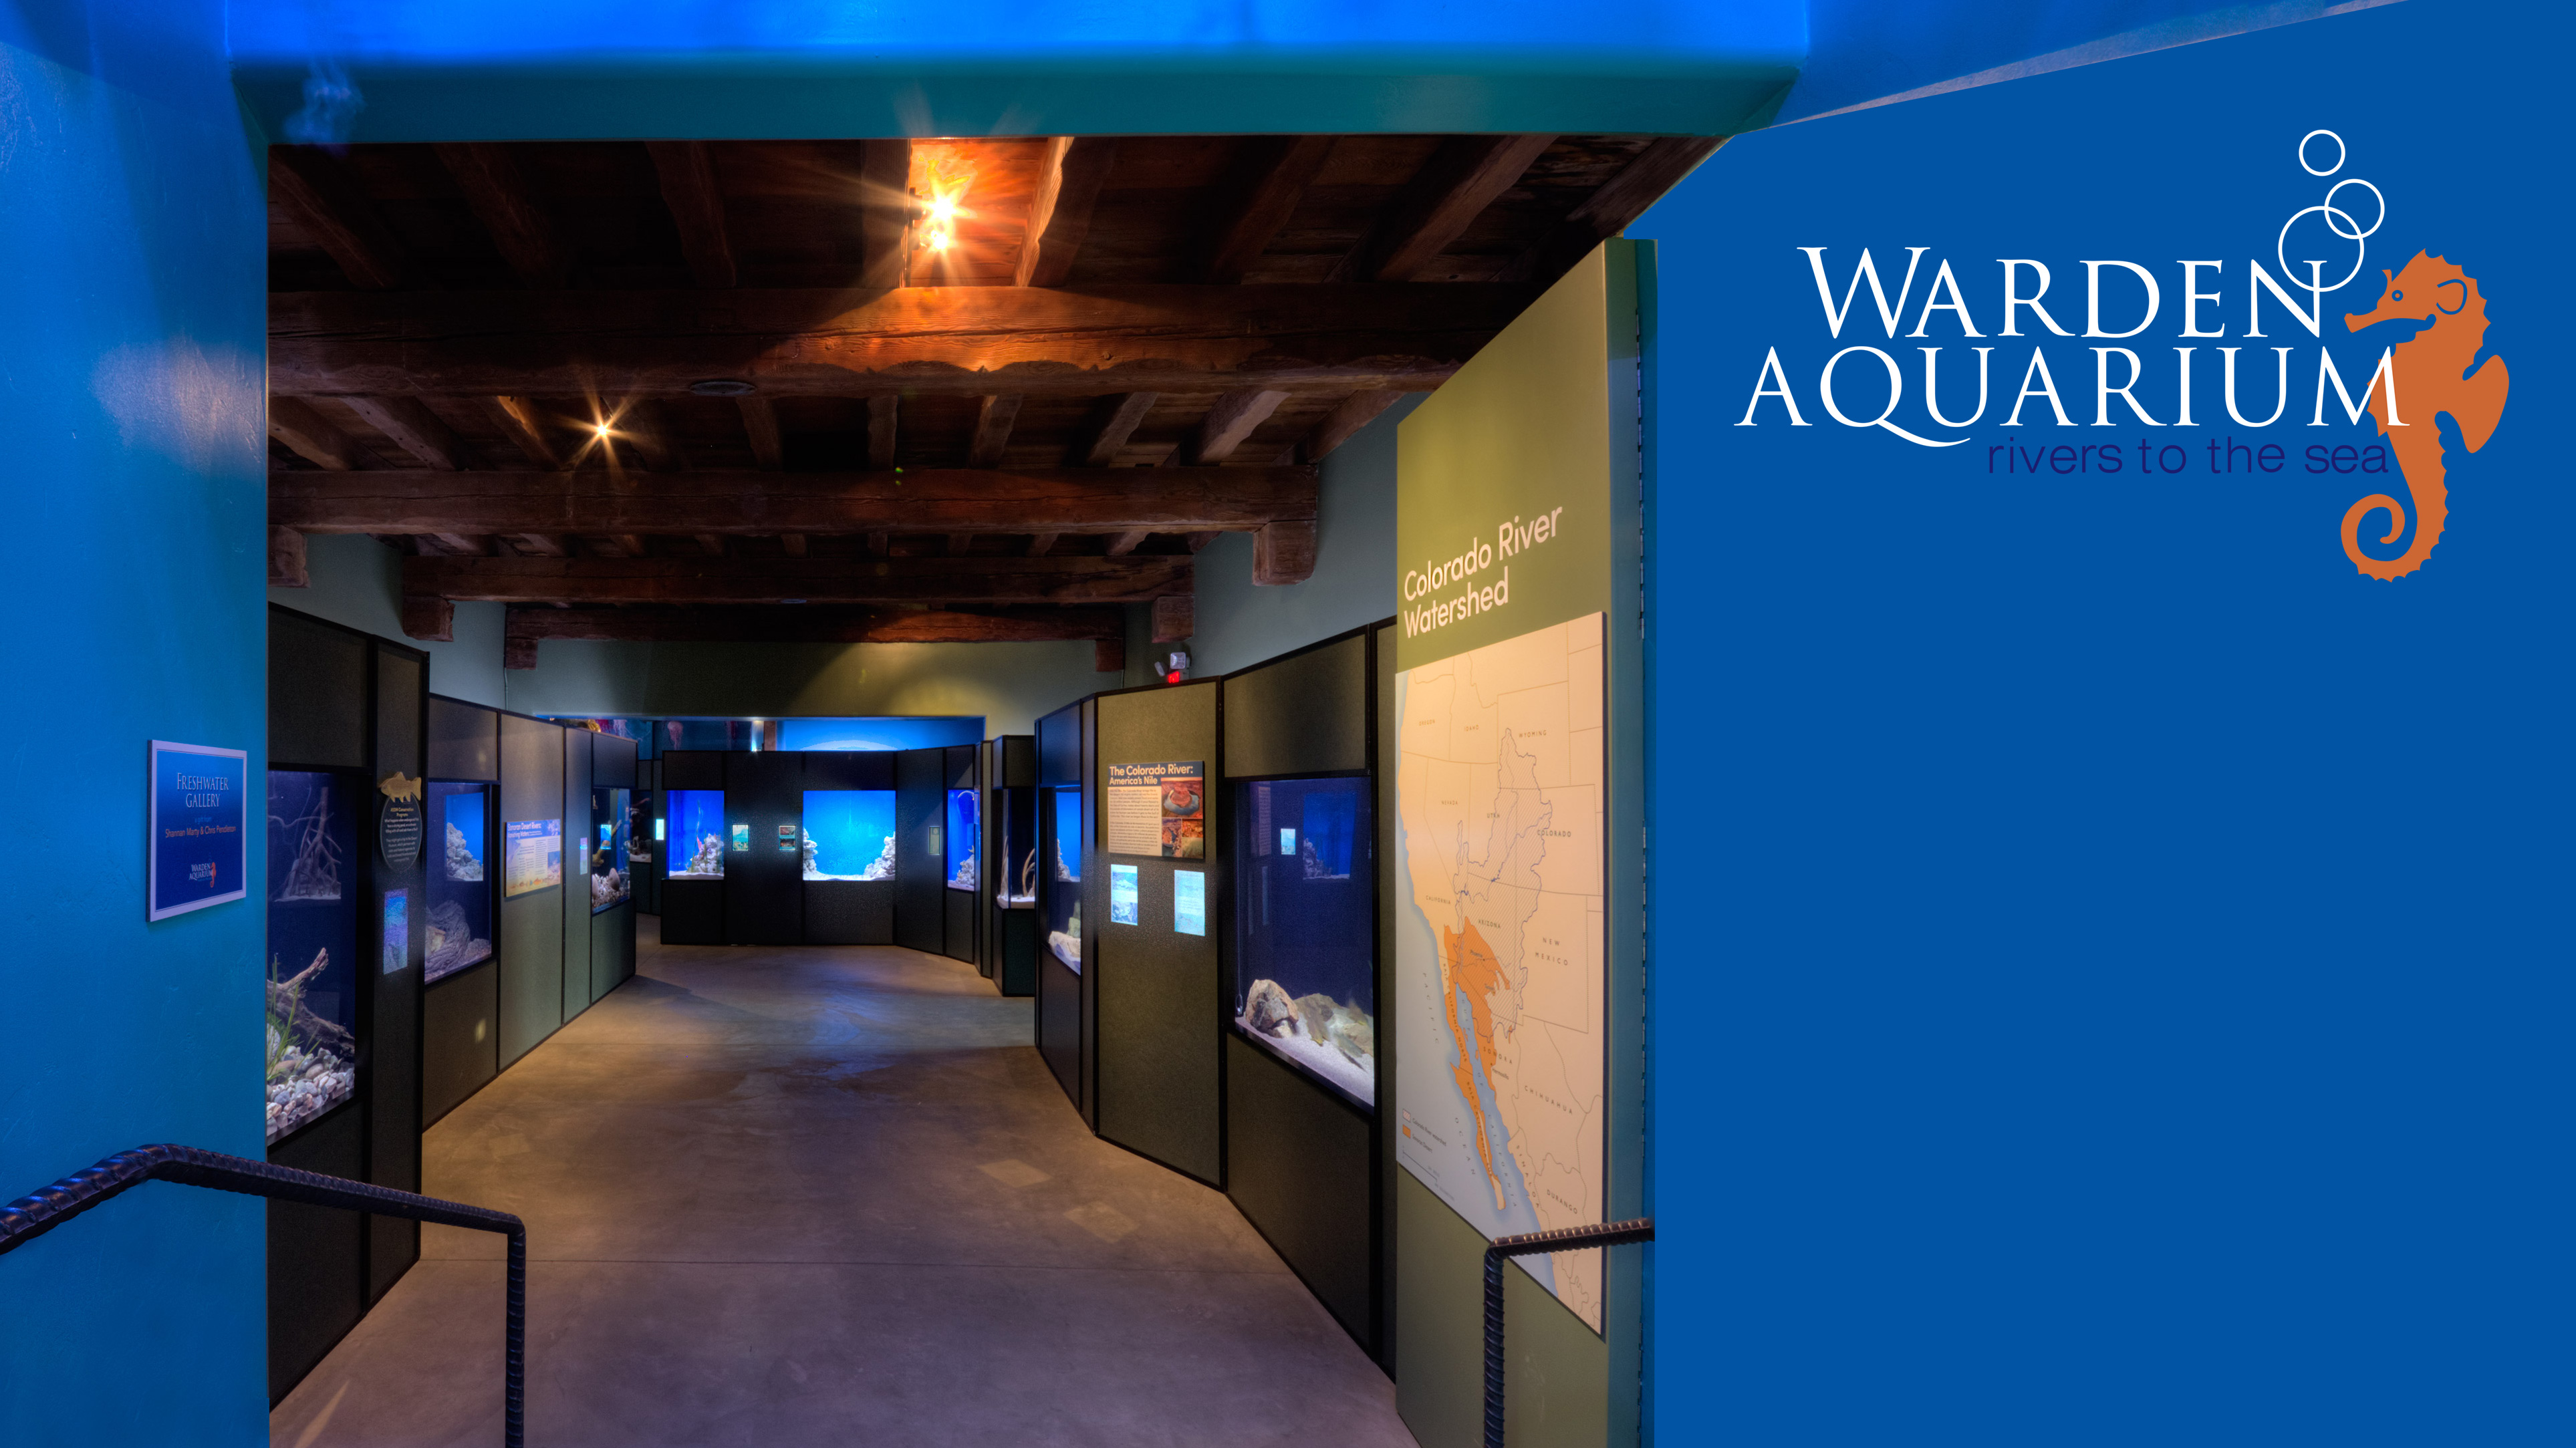 Warden Aquarium